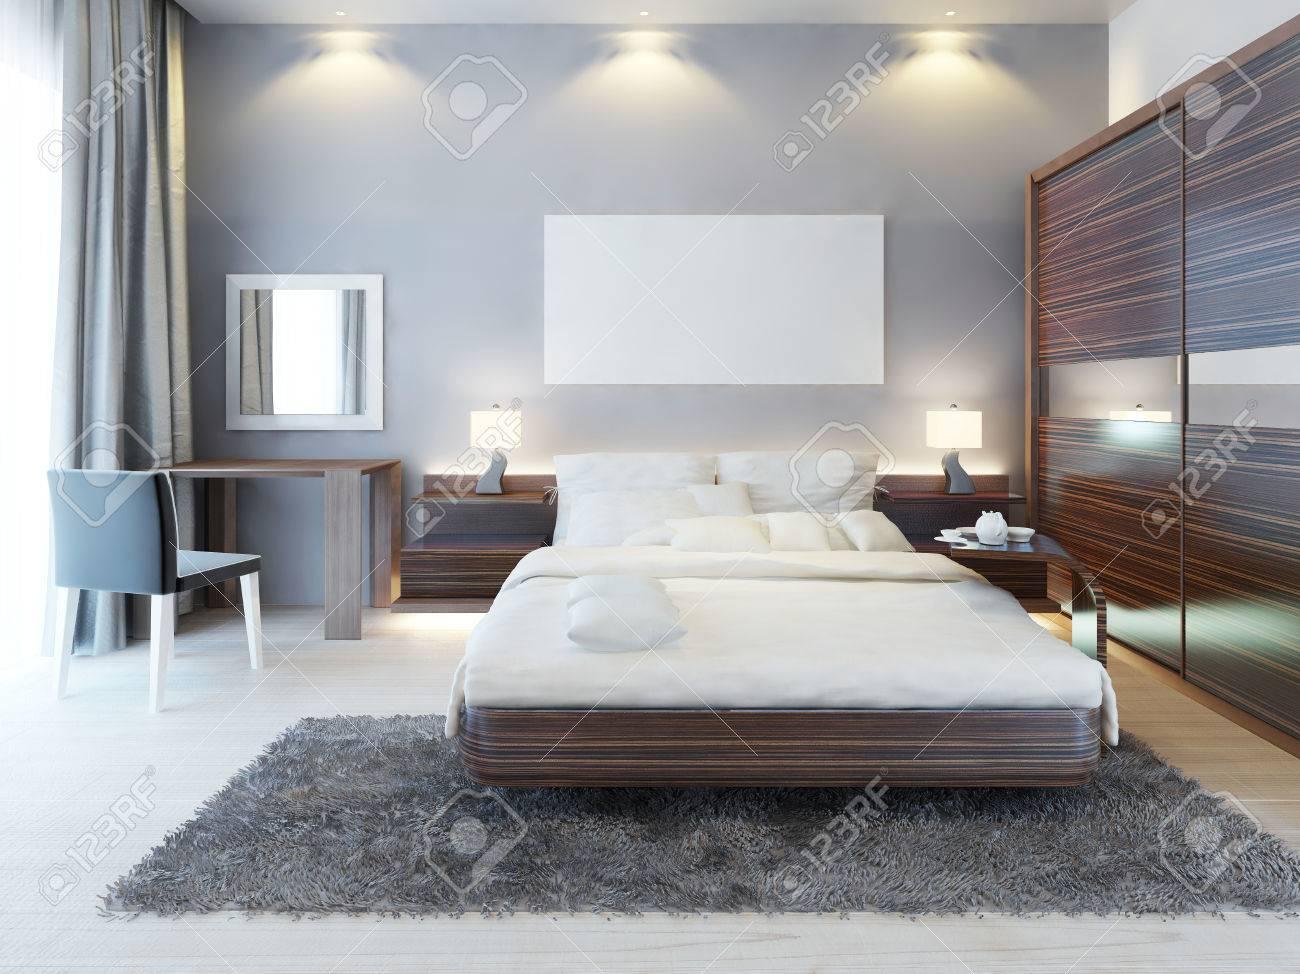 Vue de face de la chambre à coucher dans un style moderne. Un grand lit,  une coiffeuse avec une chaise et un grand placard coulissant. Au-dessus du  ...